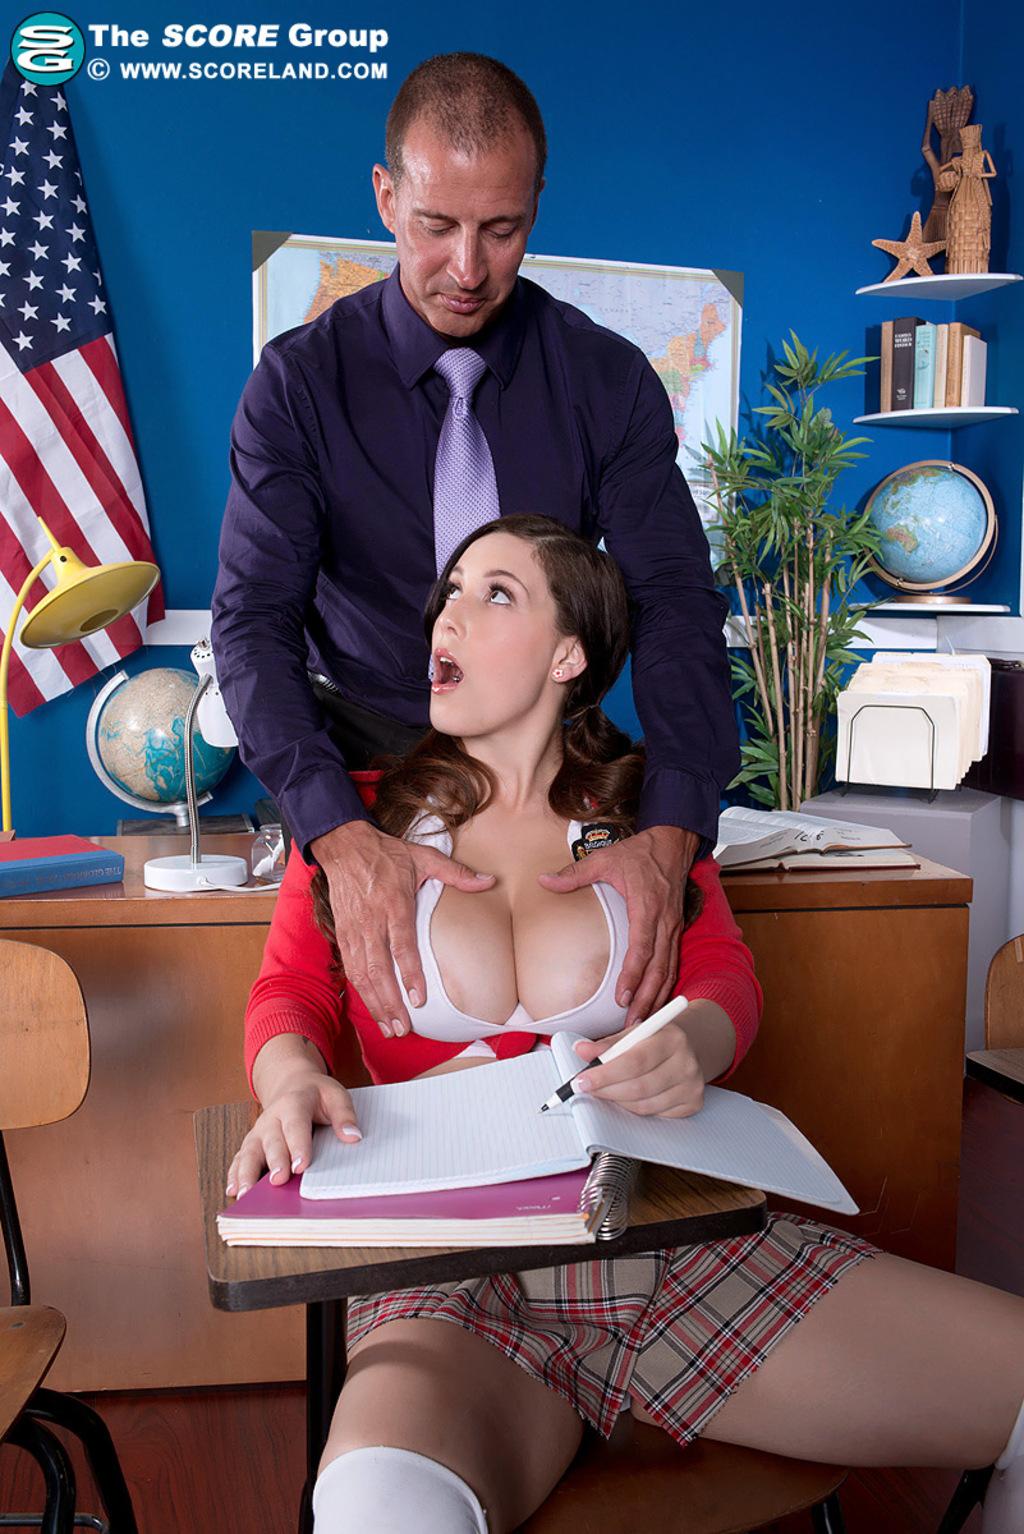 Смотреть онлайн порно ролики преподаватель и студентка 12 фотография